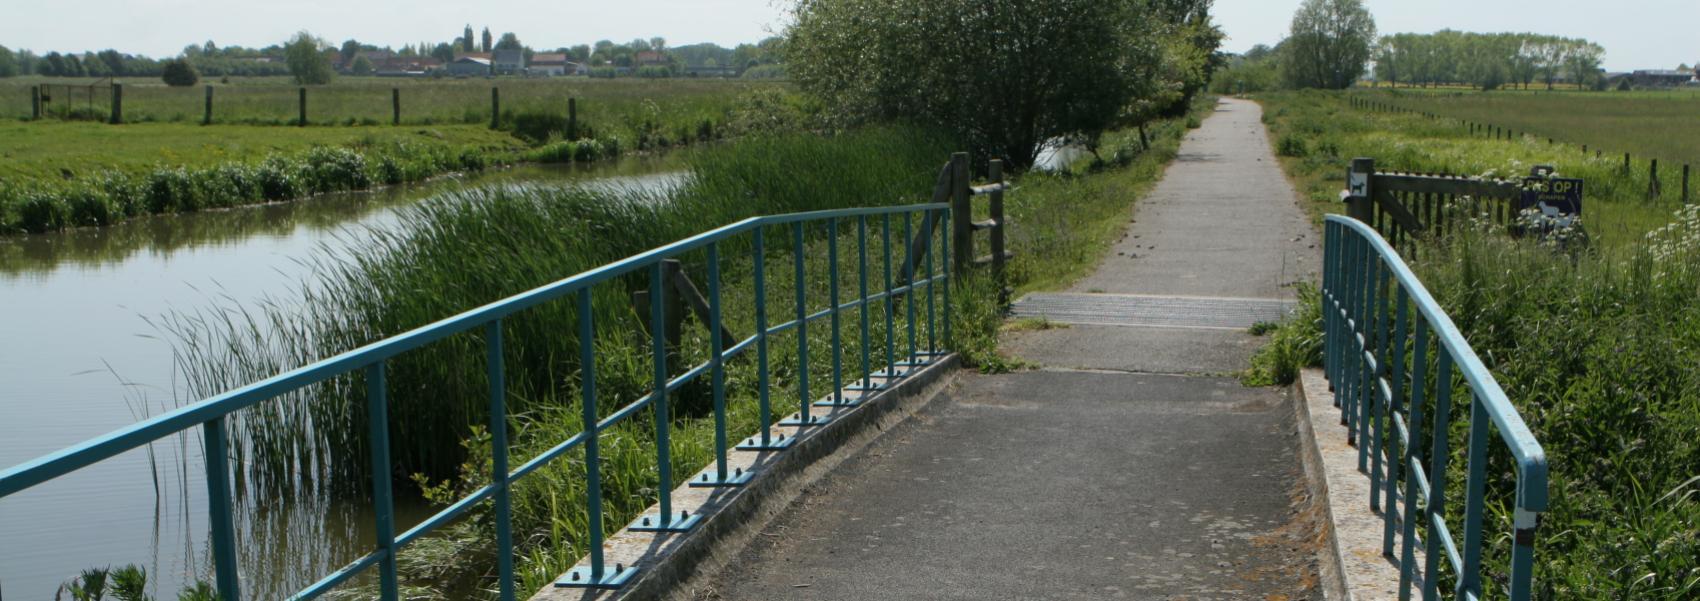 fietsbrug door het landschap